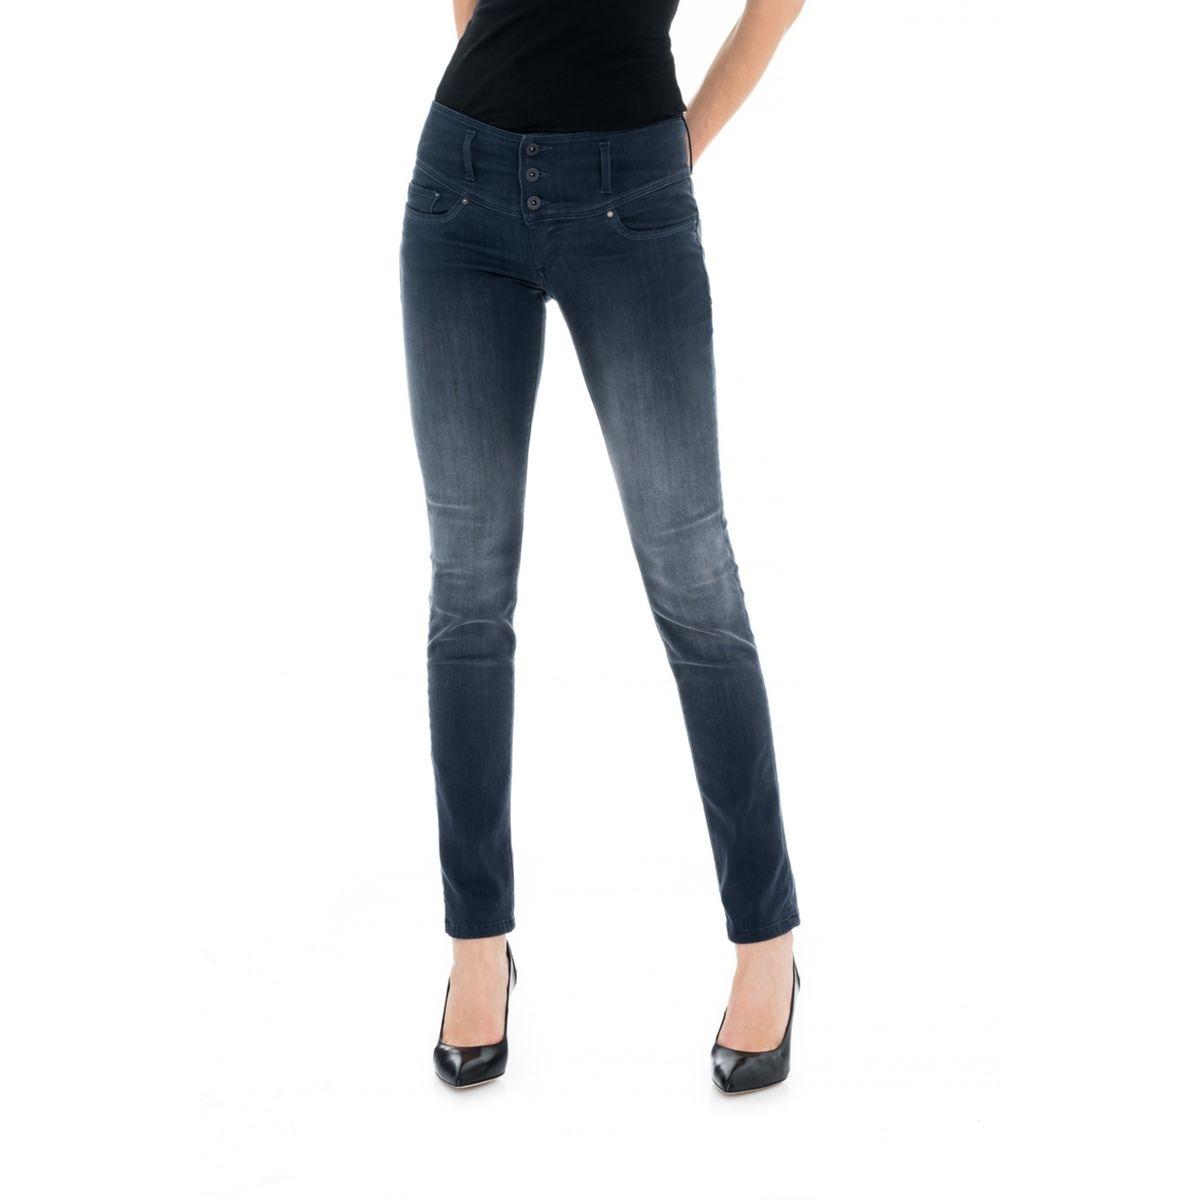 Pantalon Push Up Mystery Slim avec trame de couleur